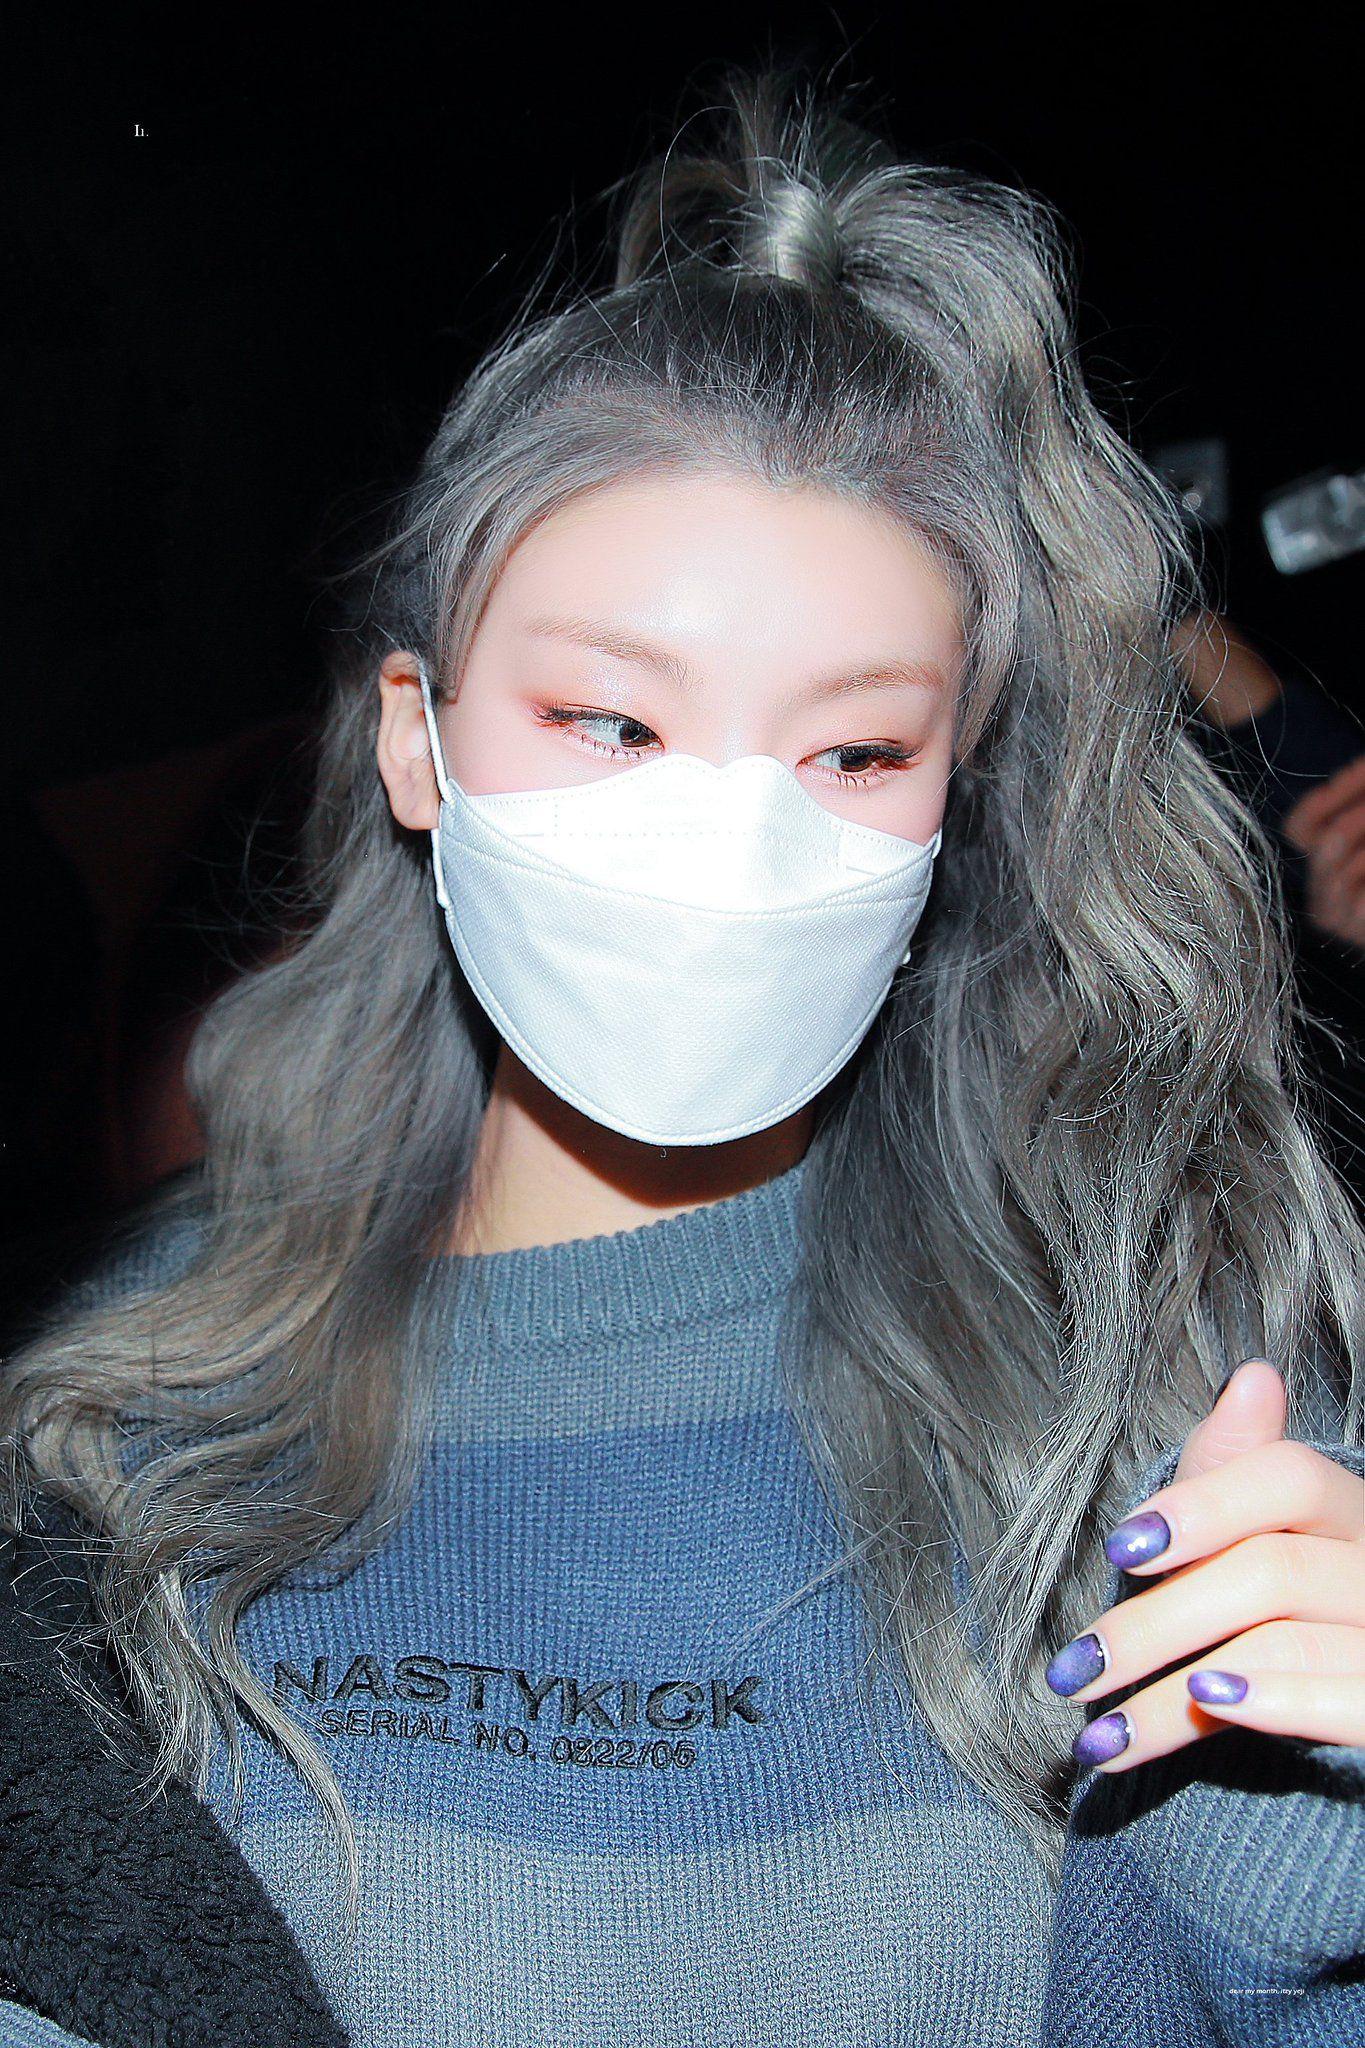 Lu On Twitter Itzy Kpop Girls Her Hair